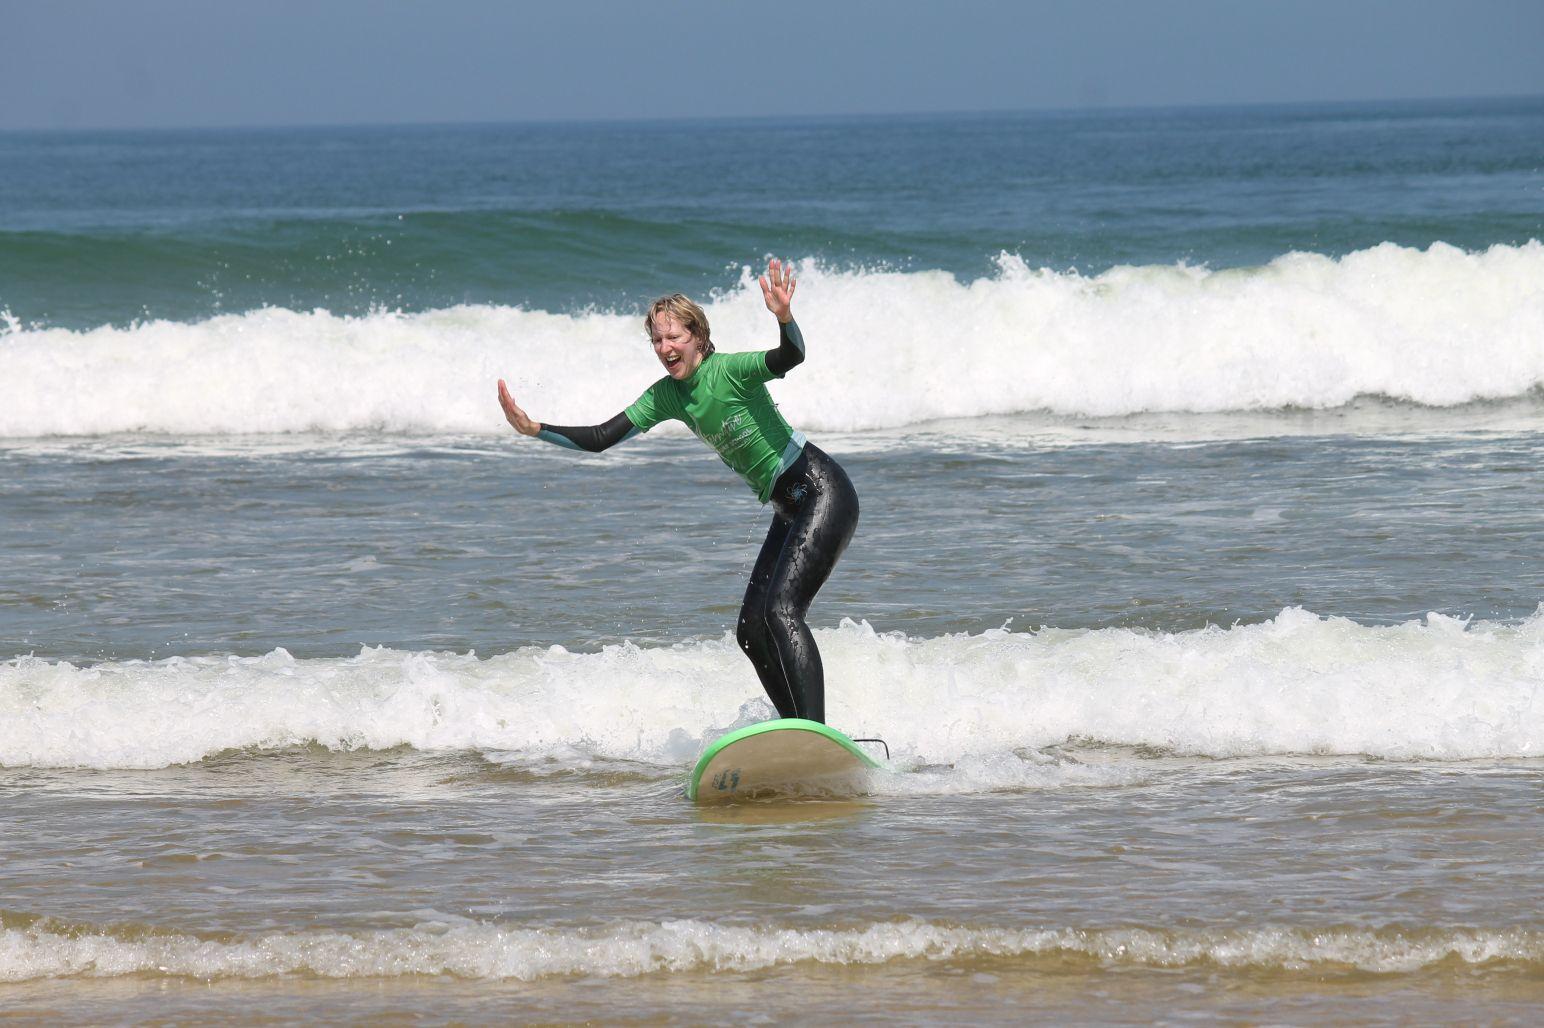 Surferqueen33